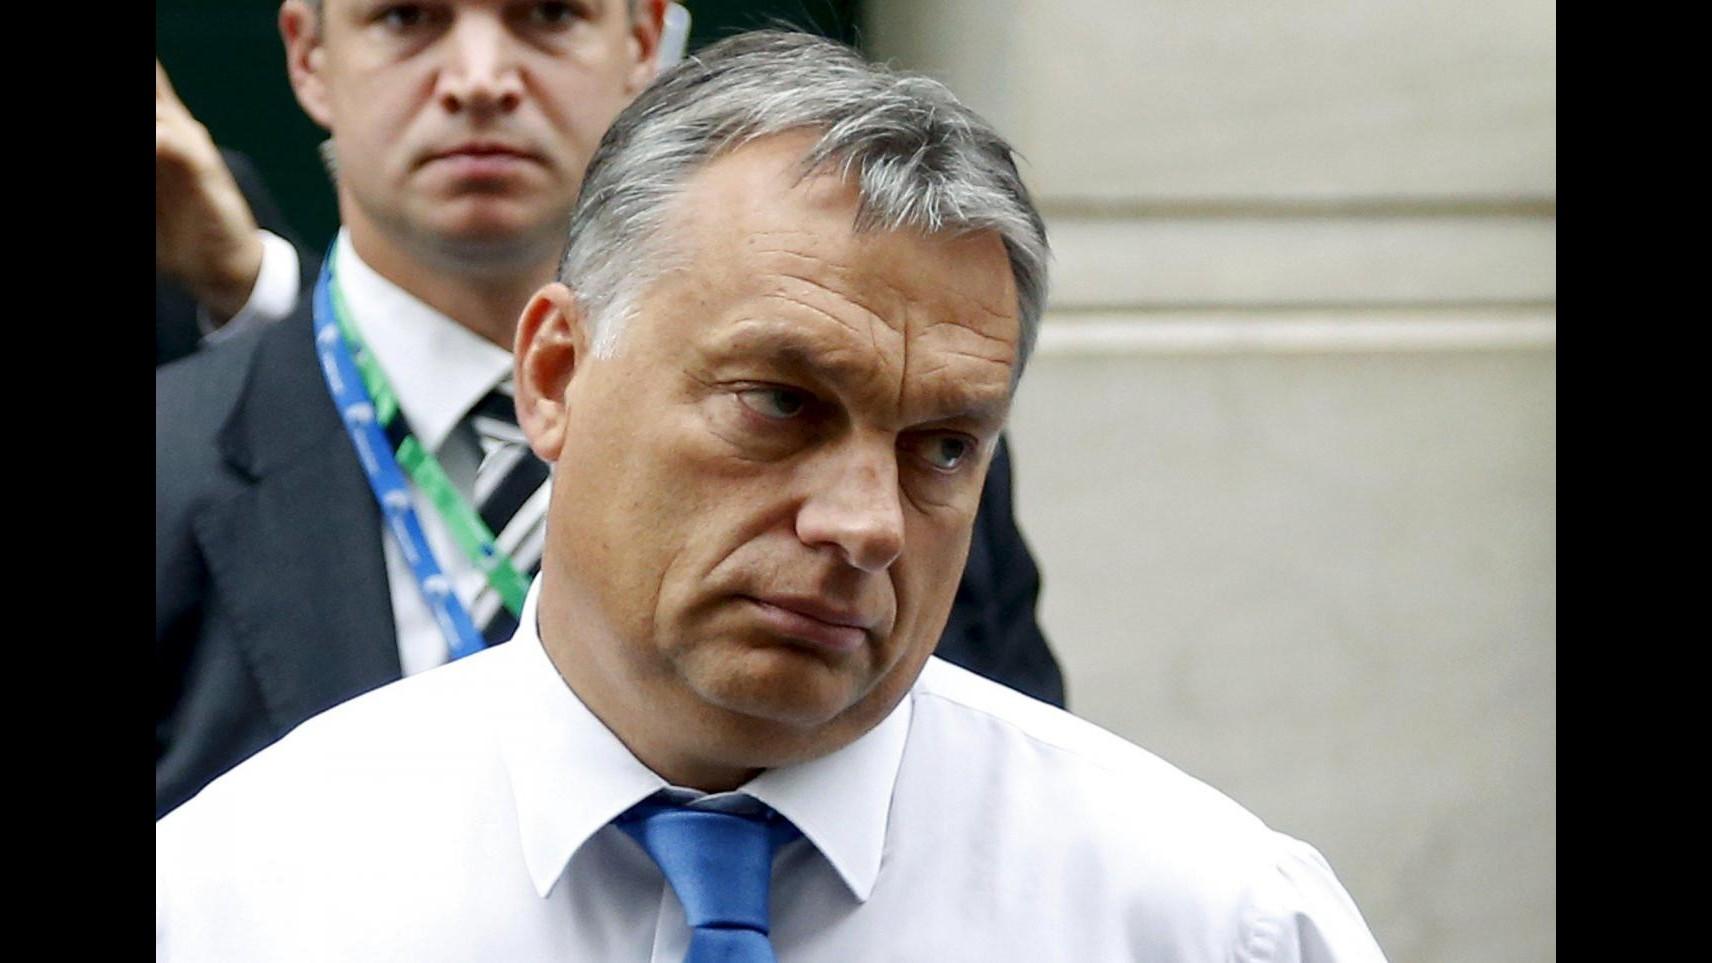 Orban? Leader a due facce che crea caos per i suoi fini